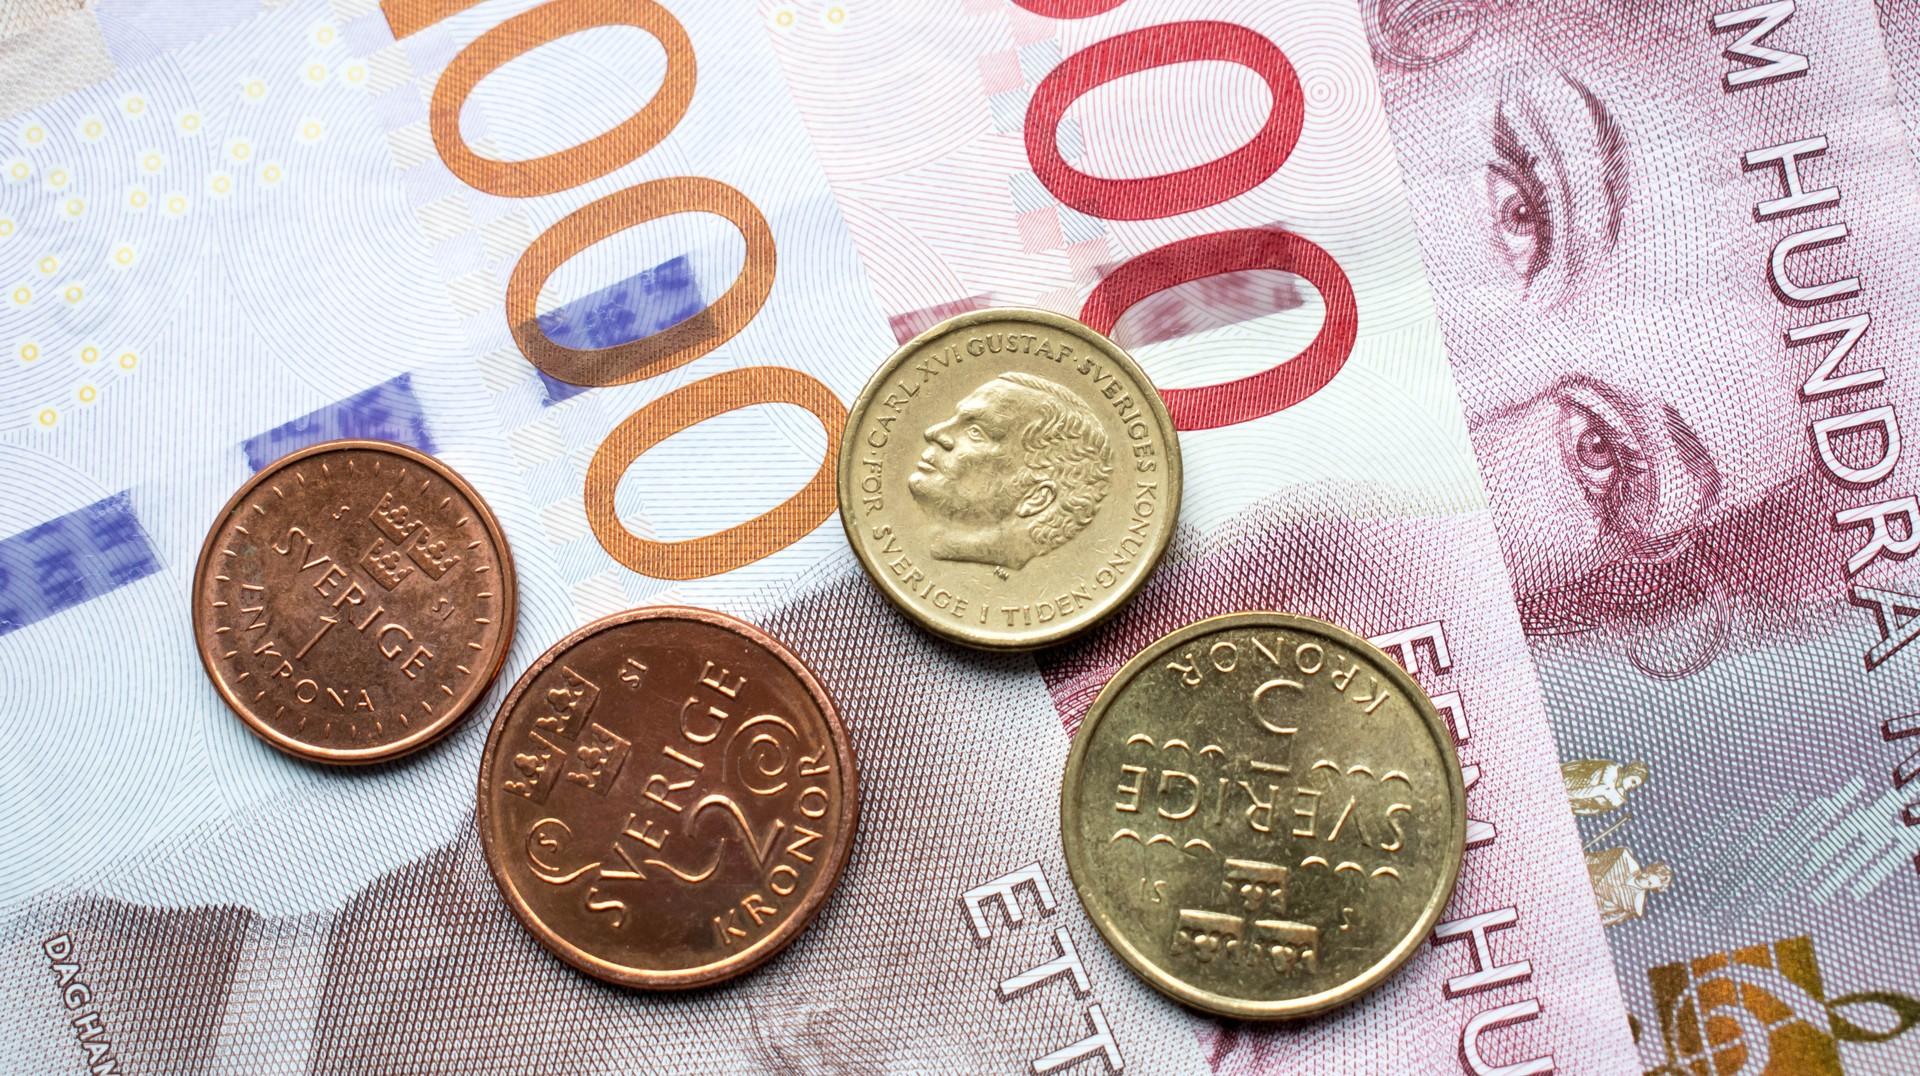 Är detta pengar eller valuta?